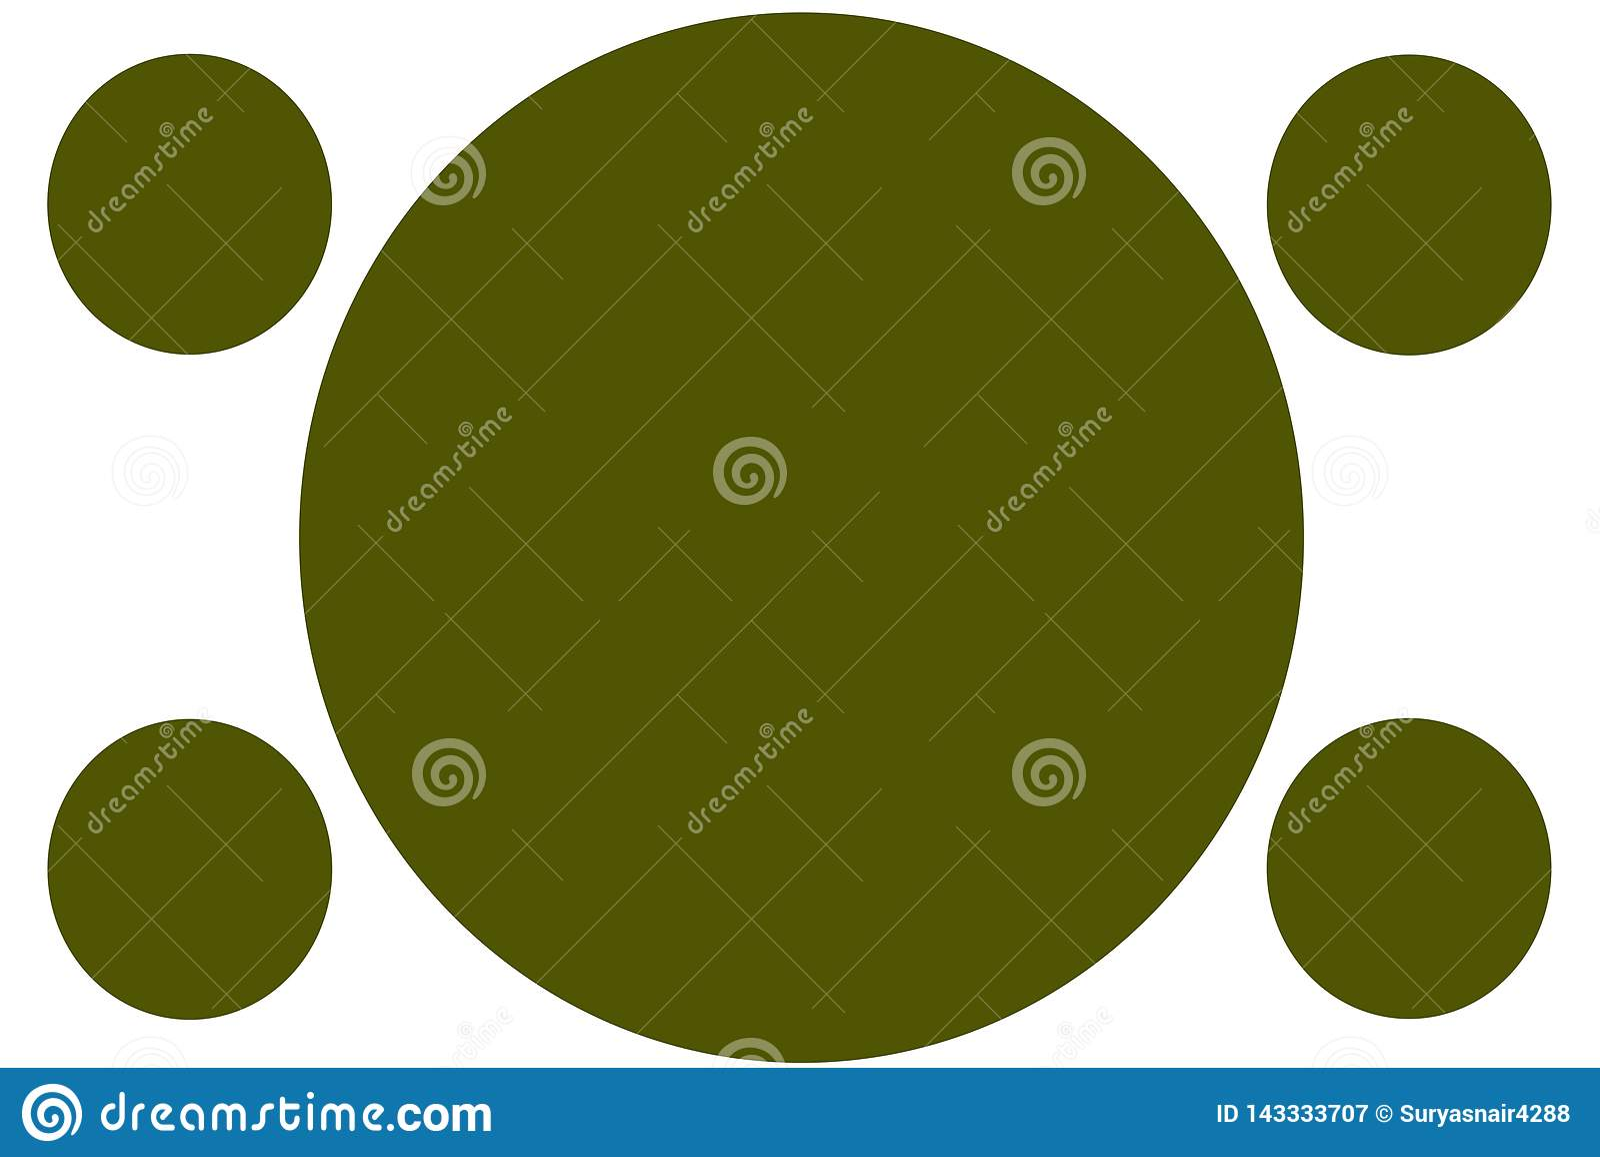 Kółkowi Barwioni sztandary - zieleń okręgi Może używać dla Ilustracyjnego zamierza, tło, strona internetowa, biznesy, prezentacje